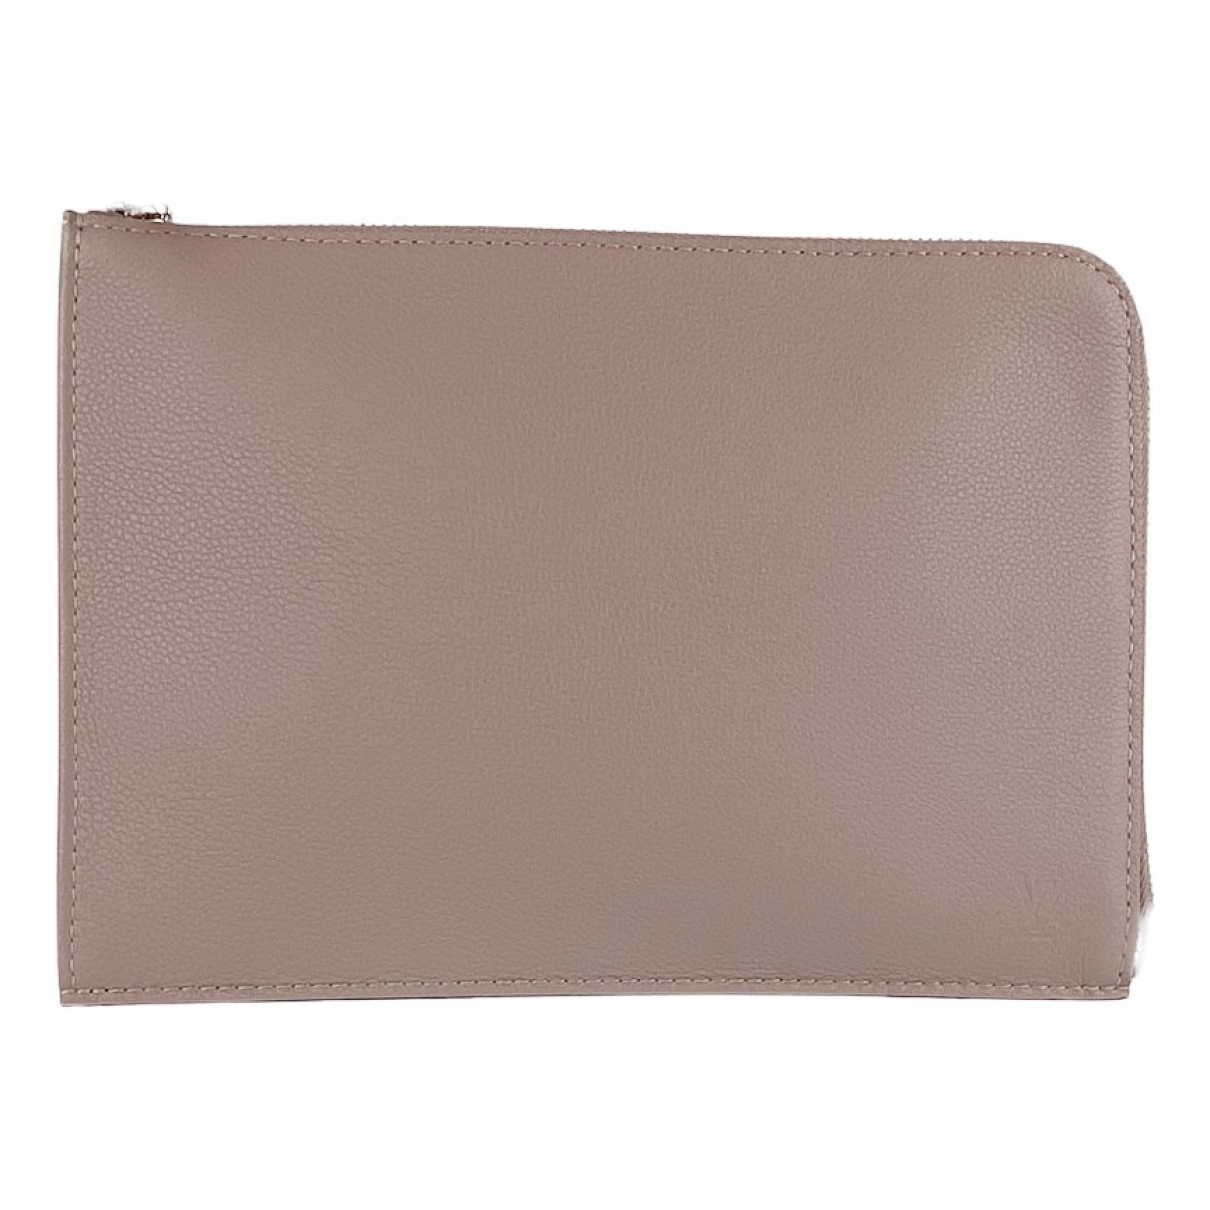 Louis Vuitton - Sac Pochette Jour GM pour homme en cuir - beige